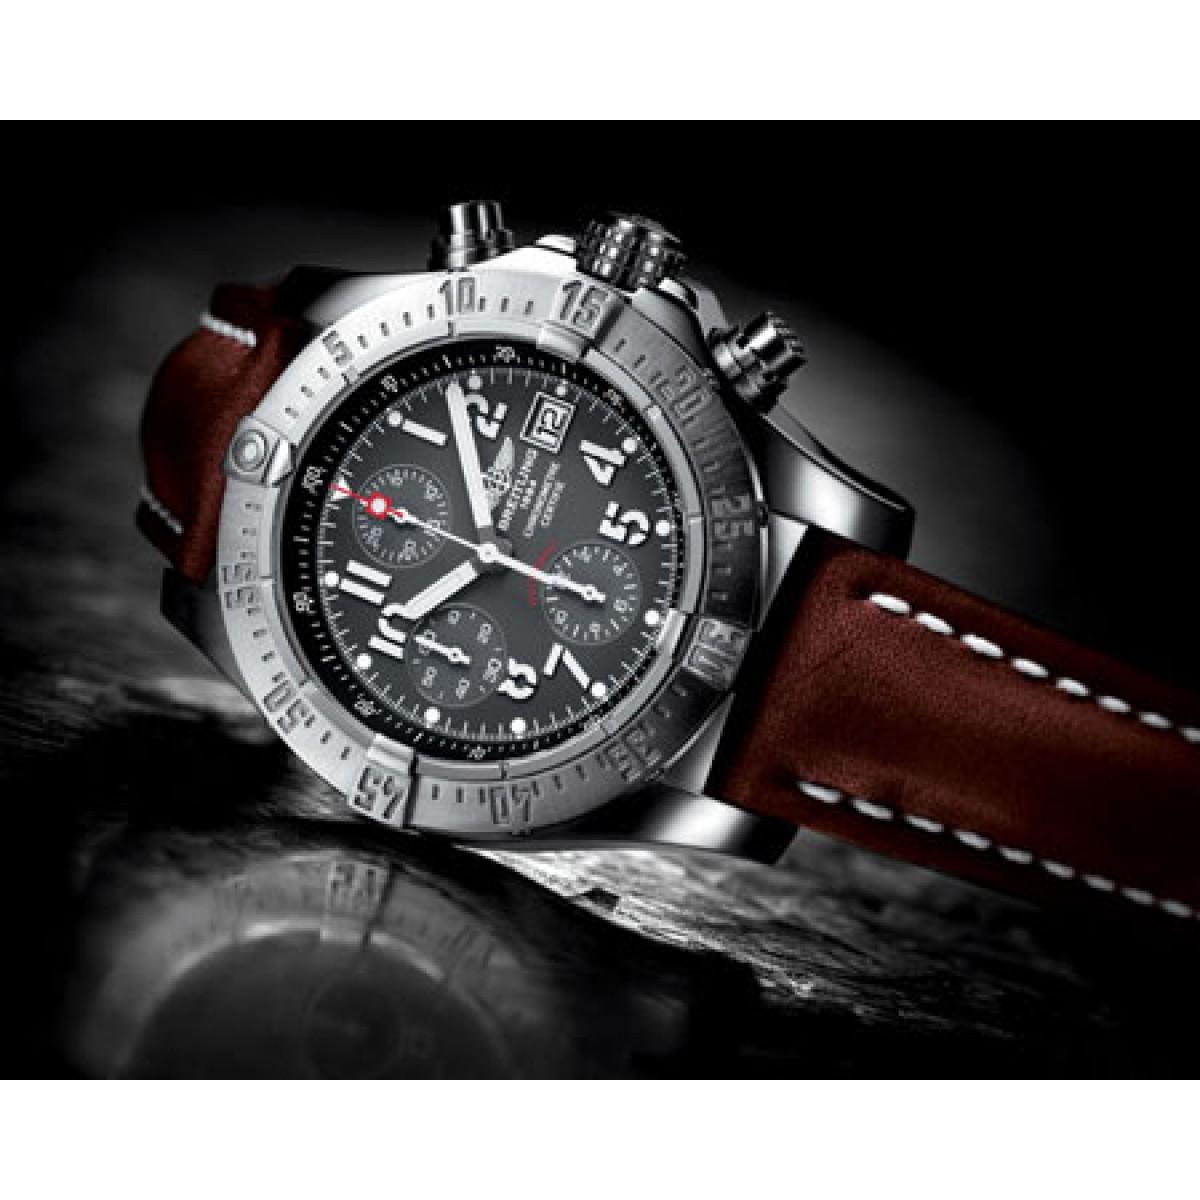 f4745ce5f4c Relógio Réplica Breitling Avenger Skyland